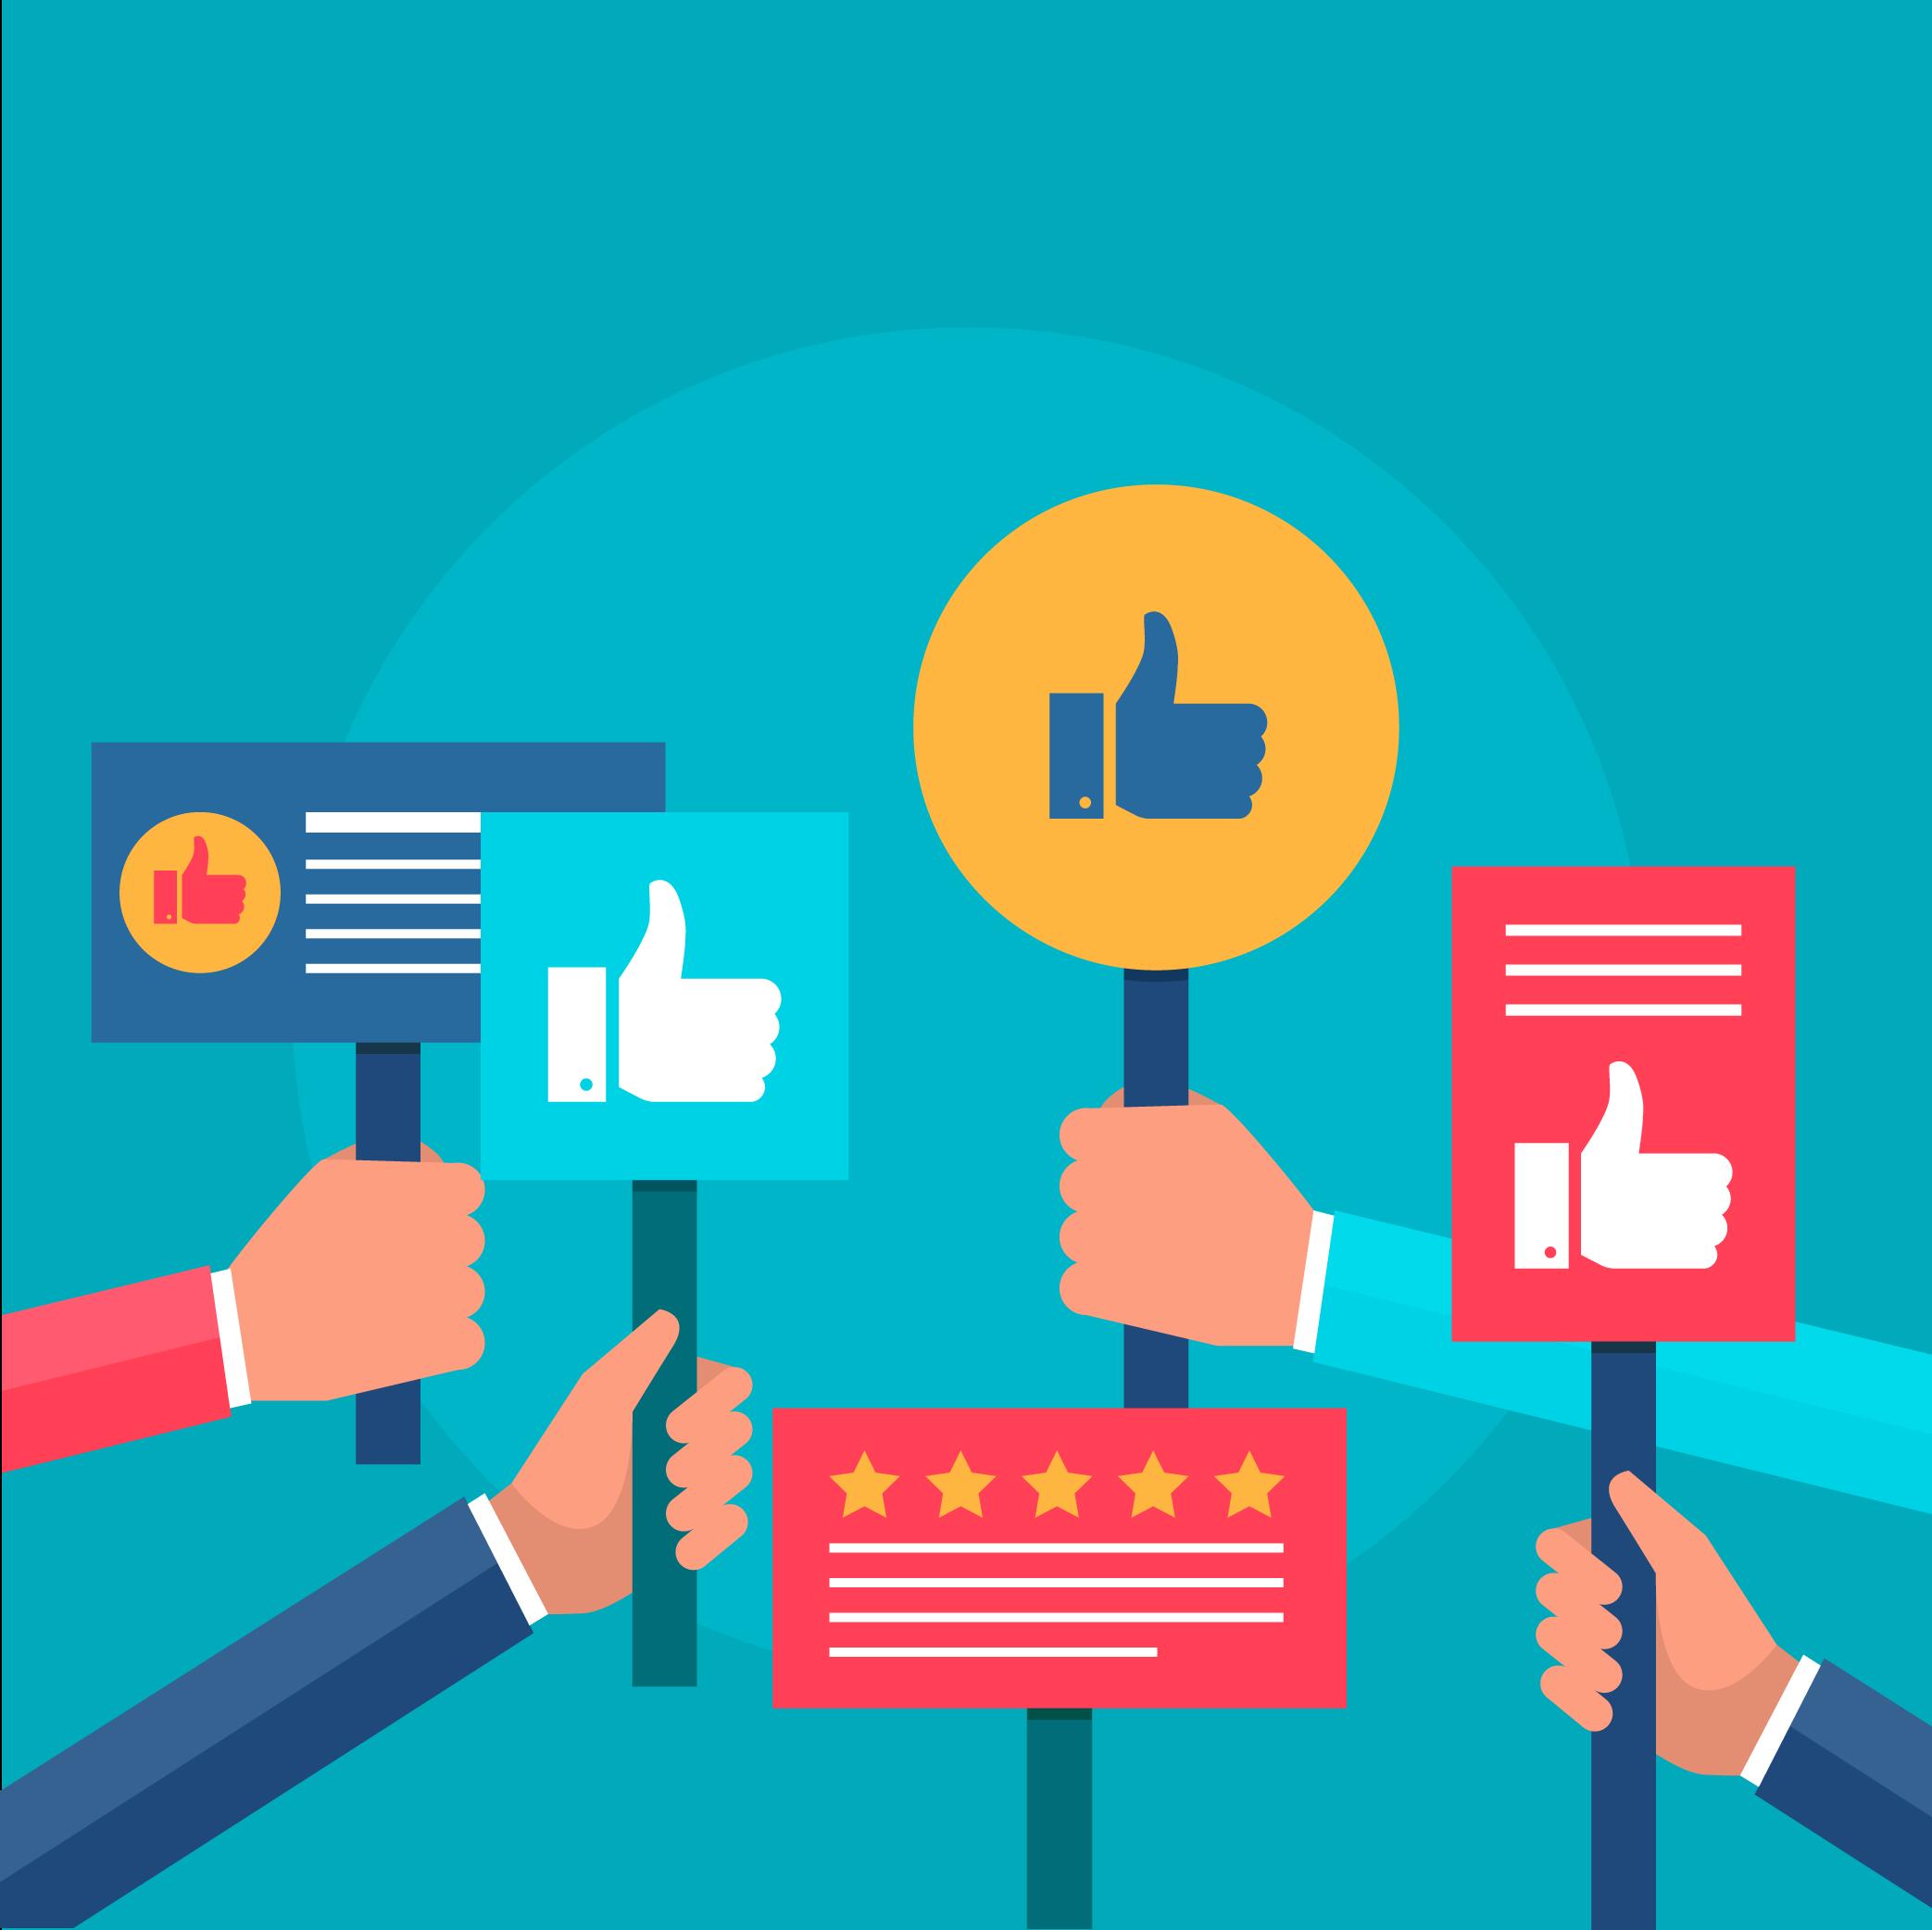 Cách tăng trải nghiệm khách hàng khi mua hàng online